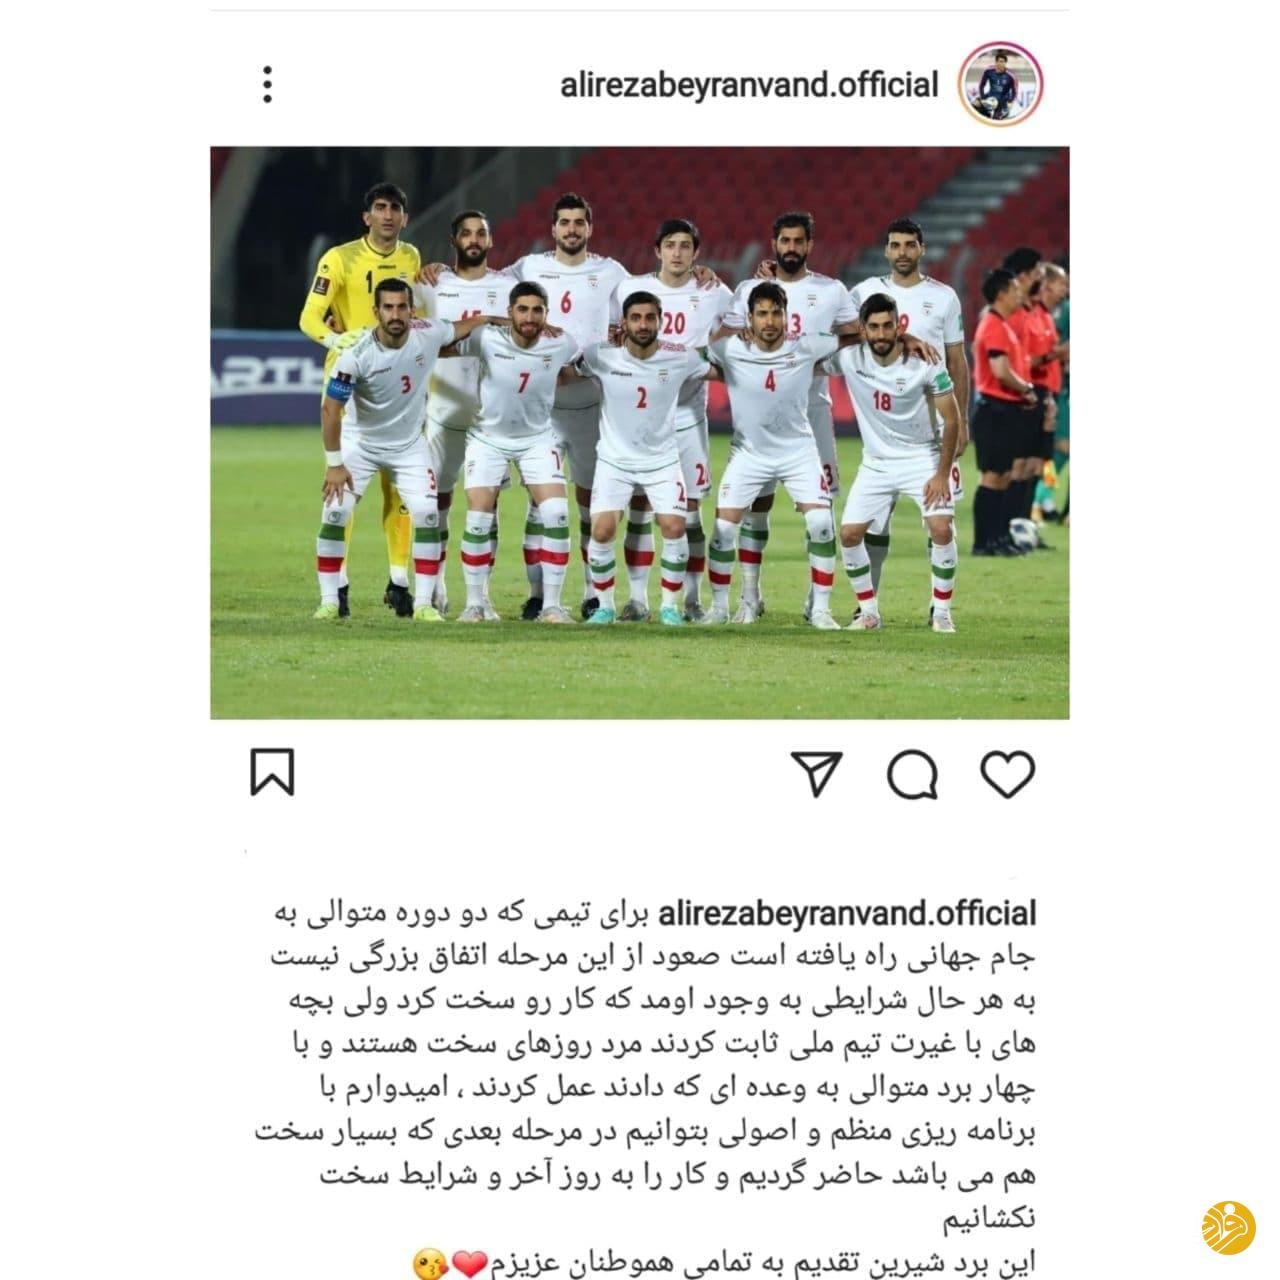 (عکس) واکنش متفاوت علیرضا بیرانوند به پیروزی برابر عراق